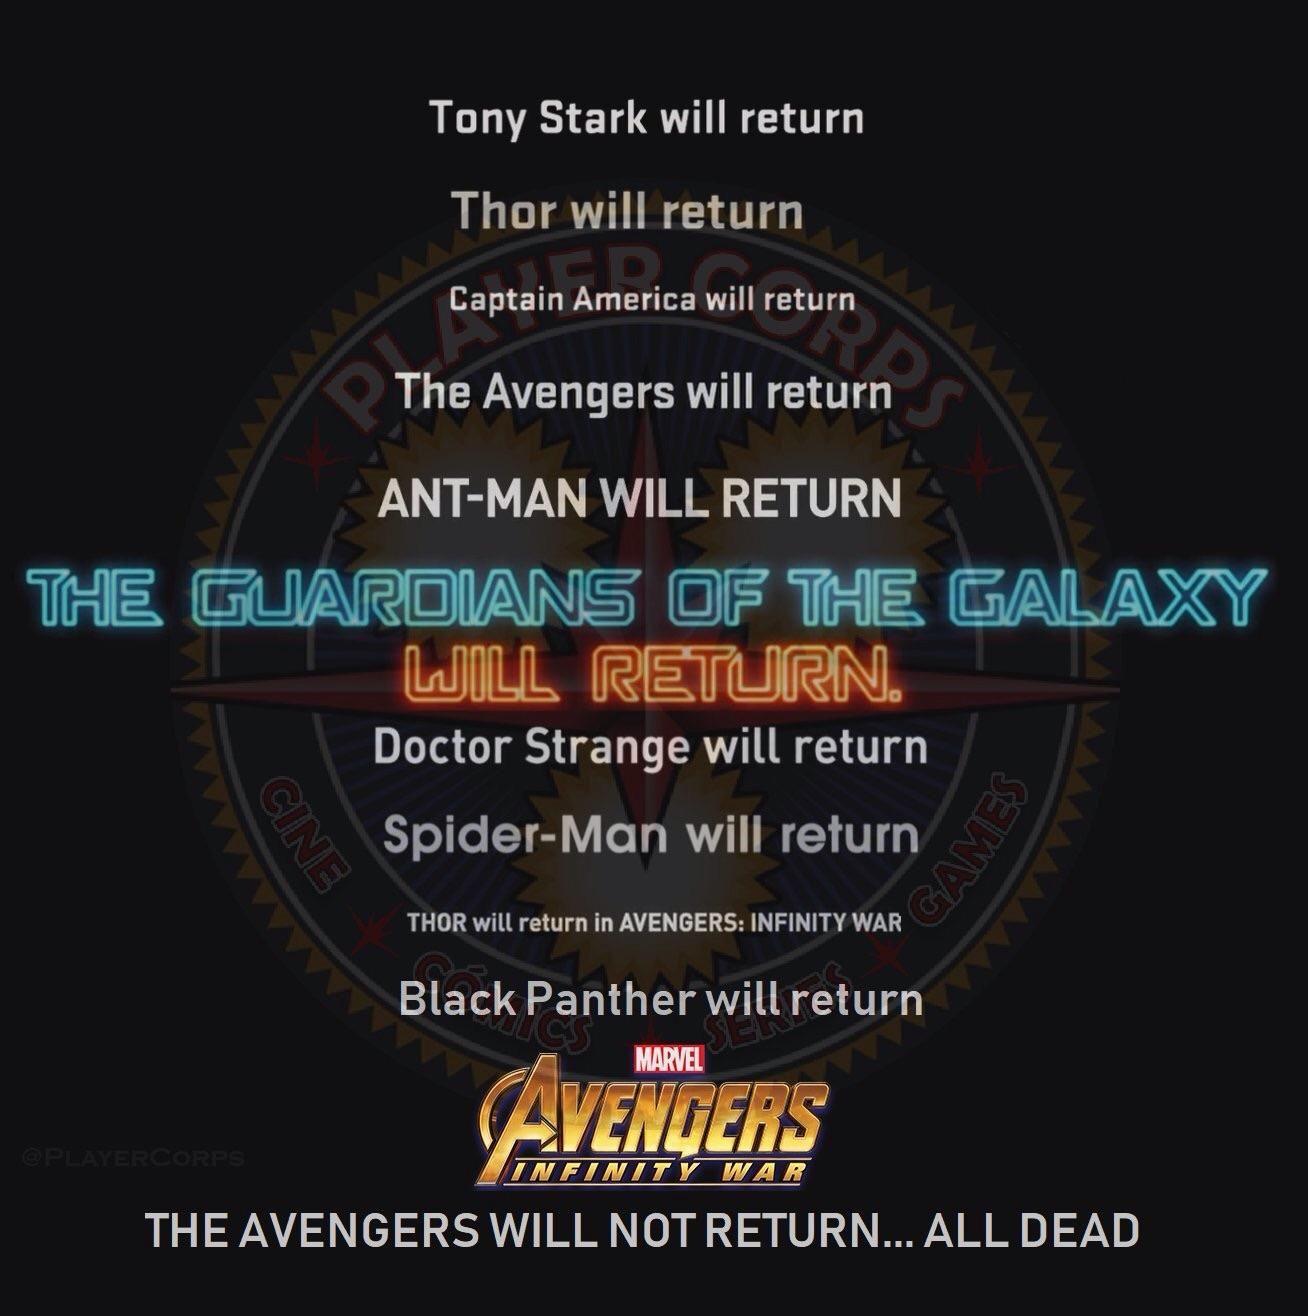 spider man will return